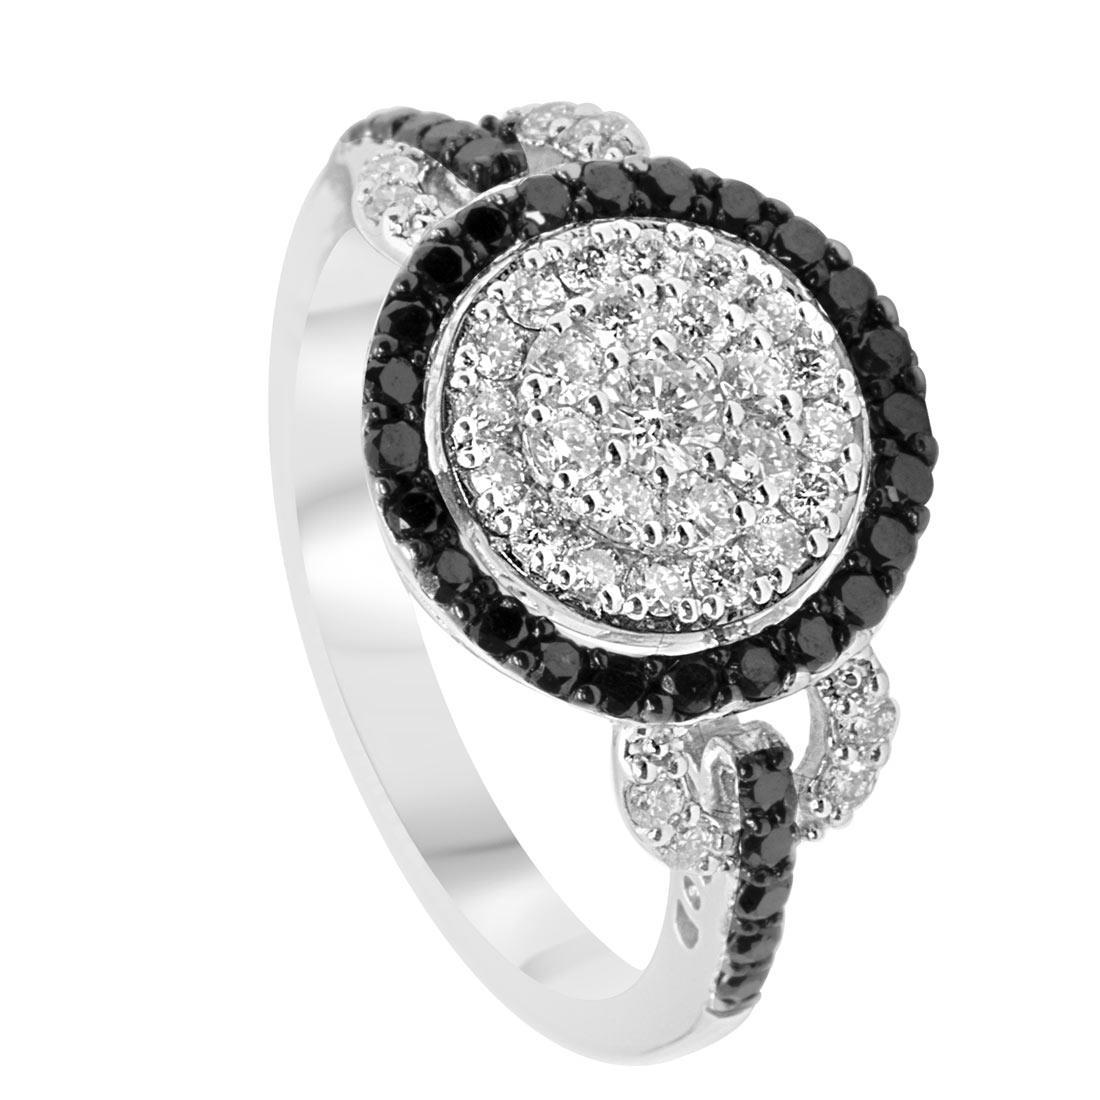 Anello in oro bianco con diamanti bianchi e neri, mis 14 - ALFIERI ST JOHN